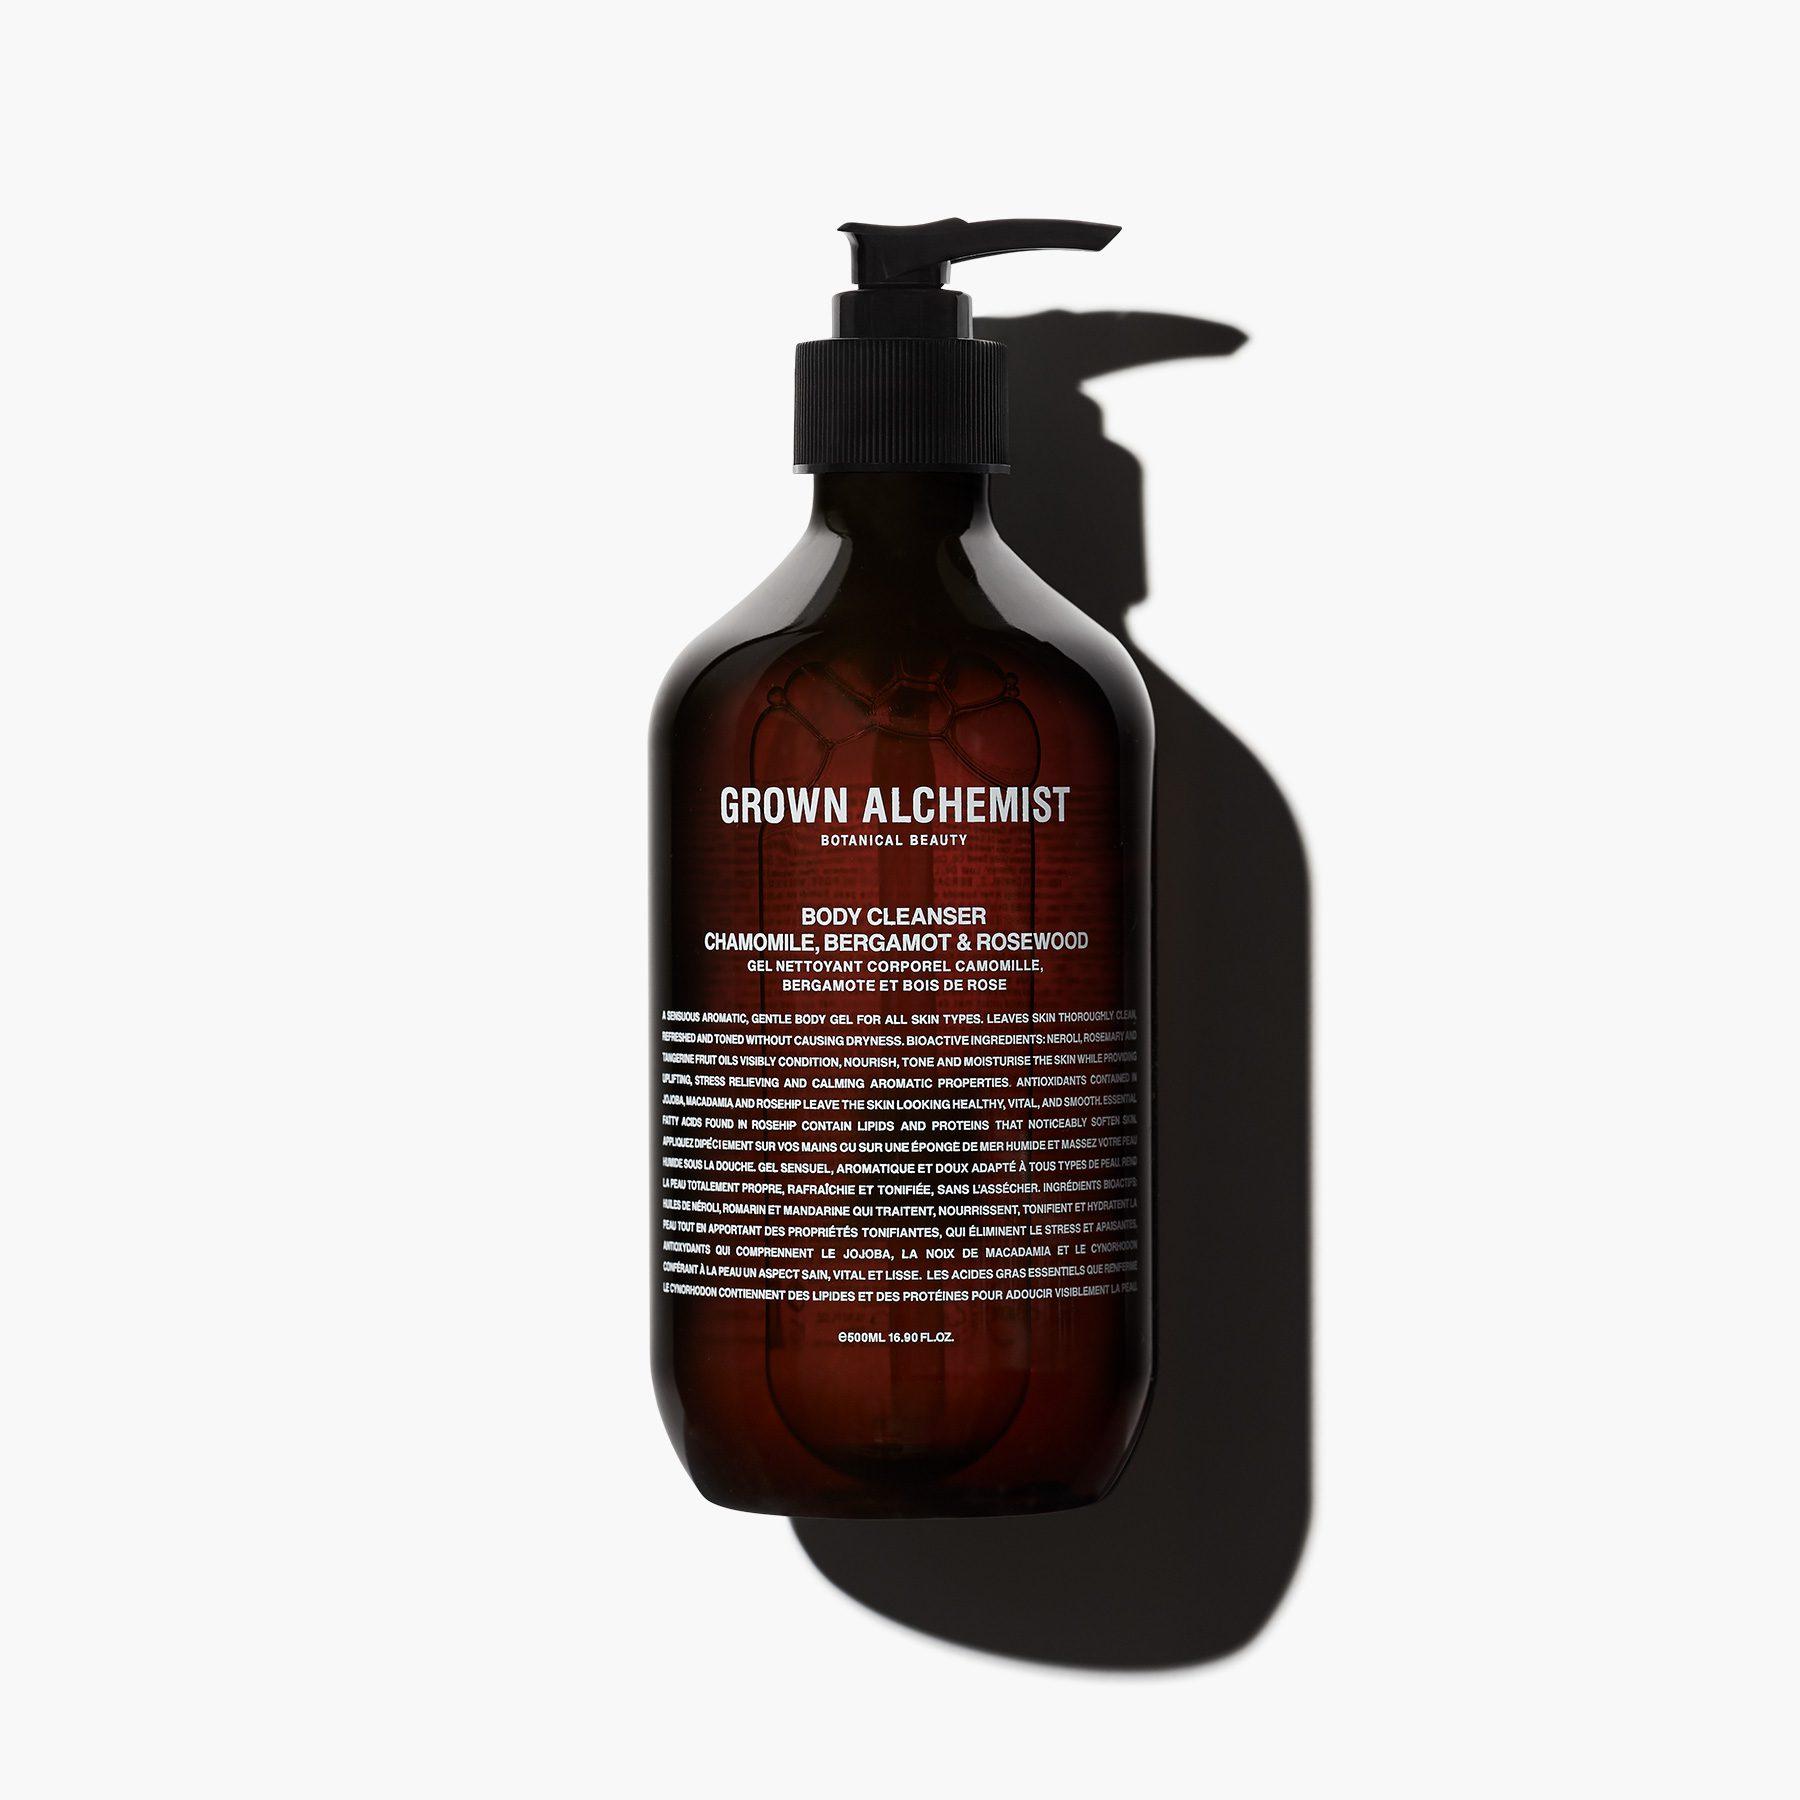 Grown-Alchemist-Body-Cleanser-Softer-Volumes